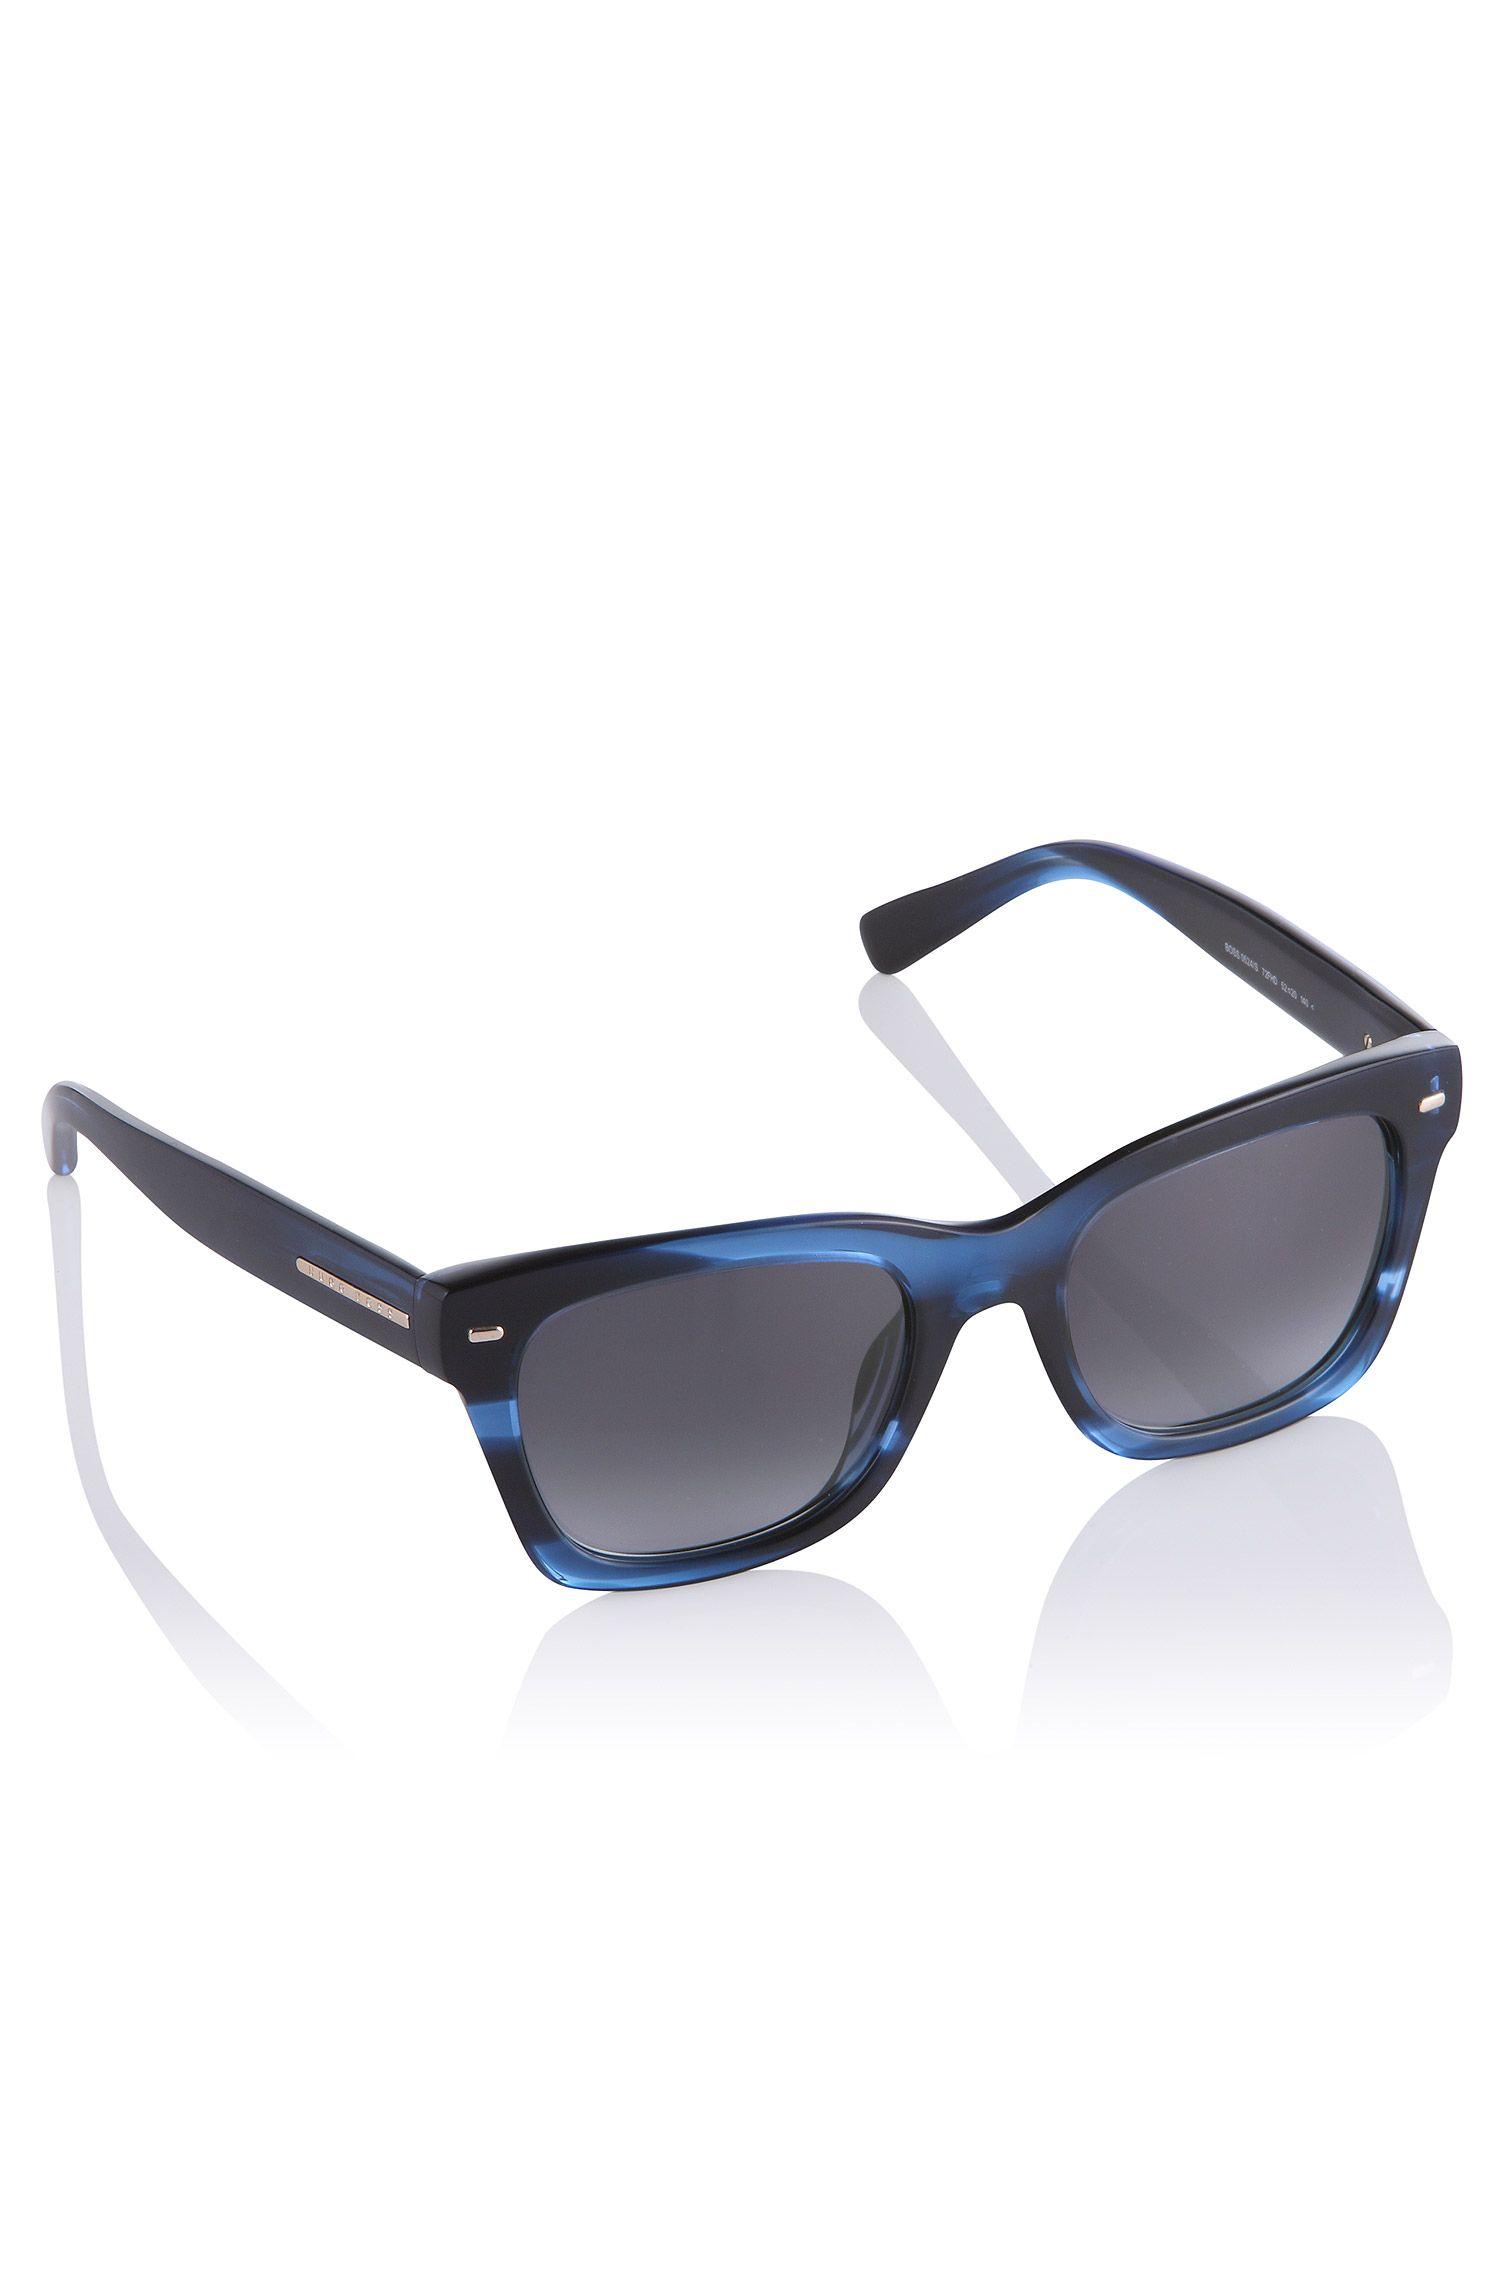 Sonnenbrille ´0524/ S` mit breitem Bügel